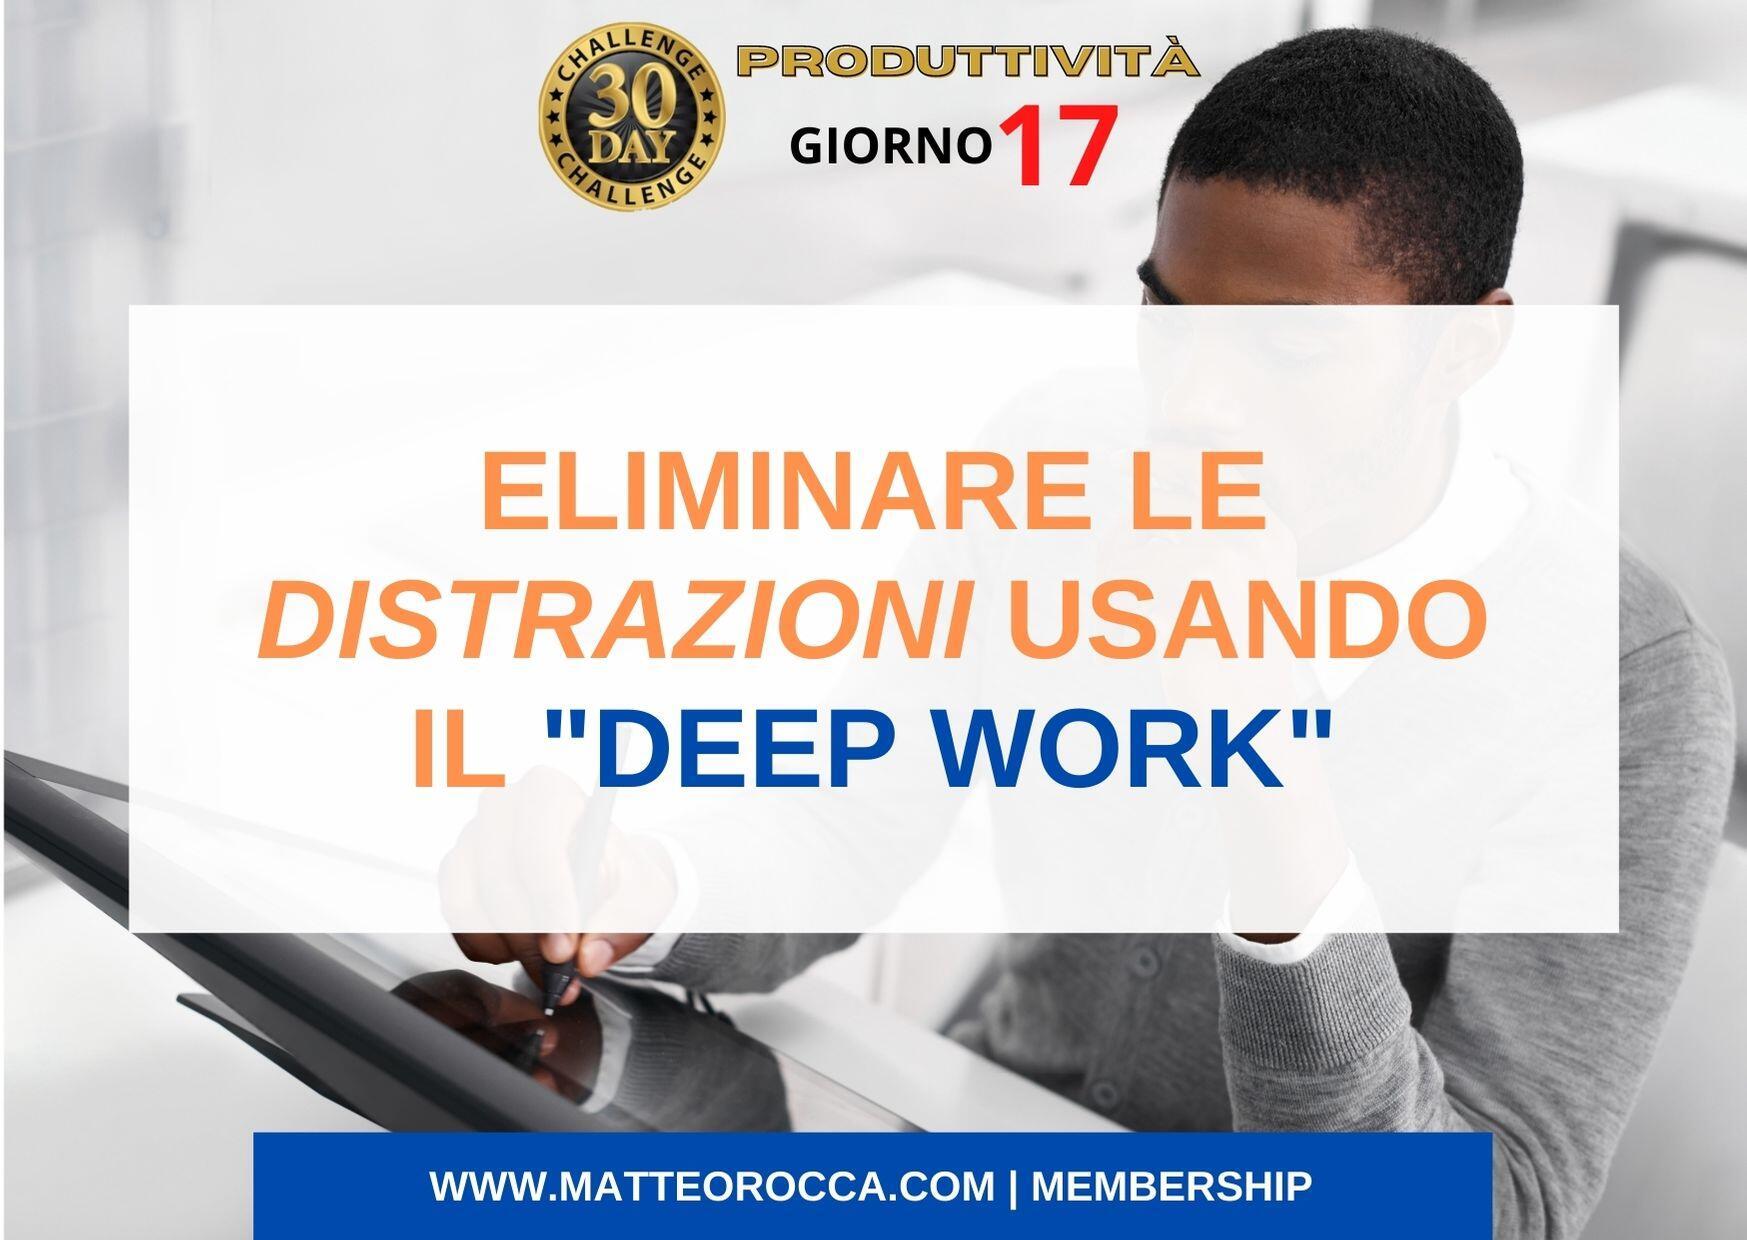 evitare le distrazioni utilizzando il lavoro profondo (deep work) - titolo